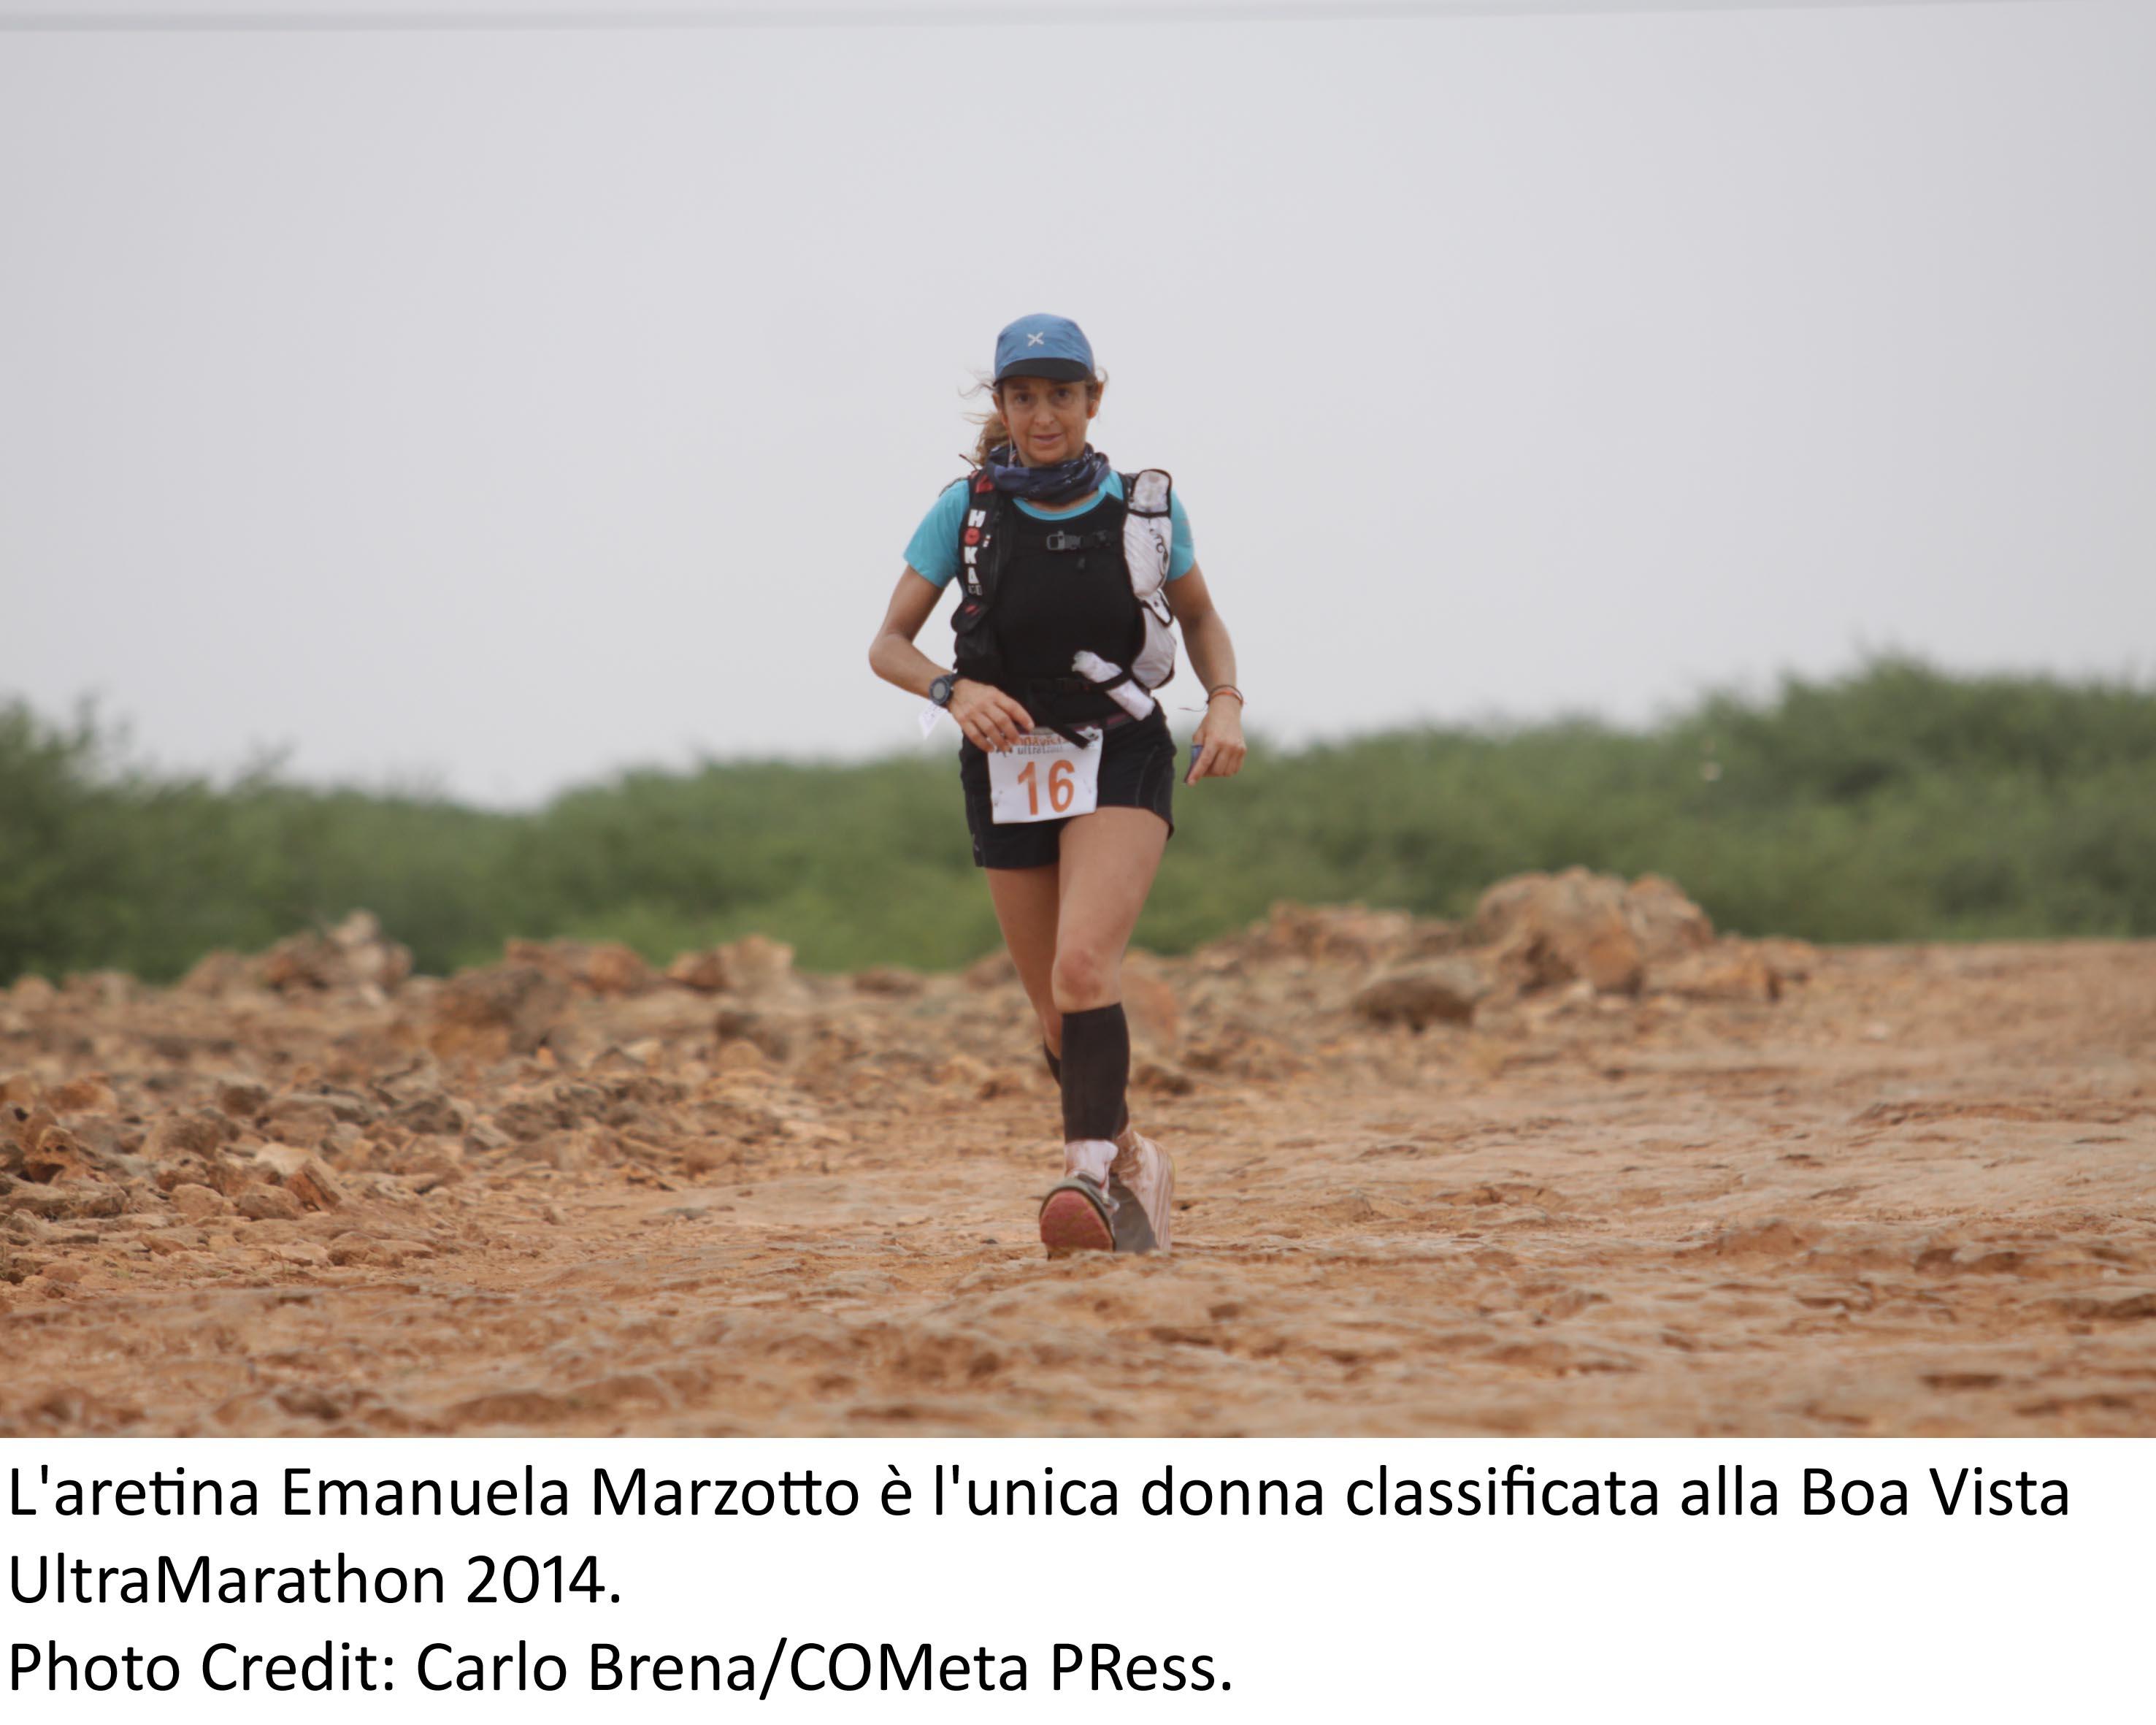 La lucignanese Emanuela Marzotto ha trionfato alla Boa Vista Ultratrail